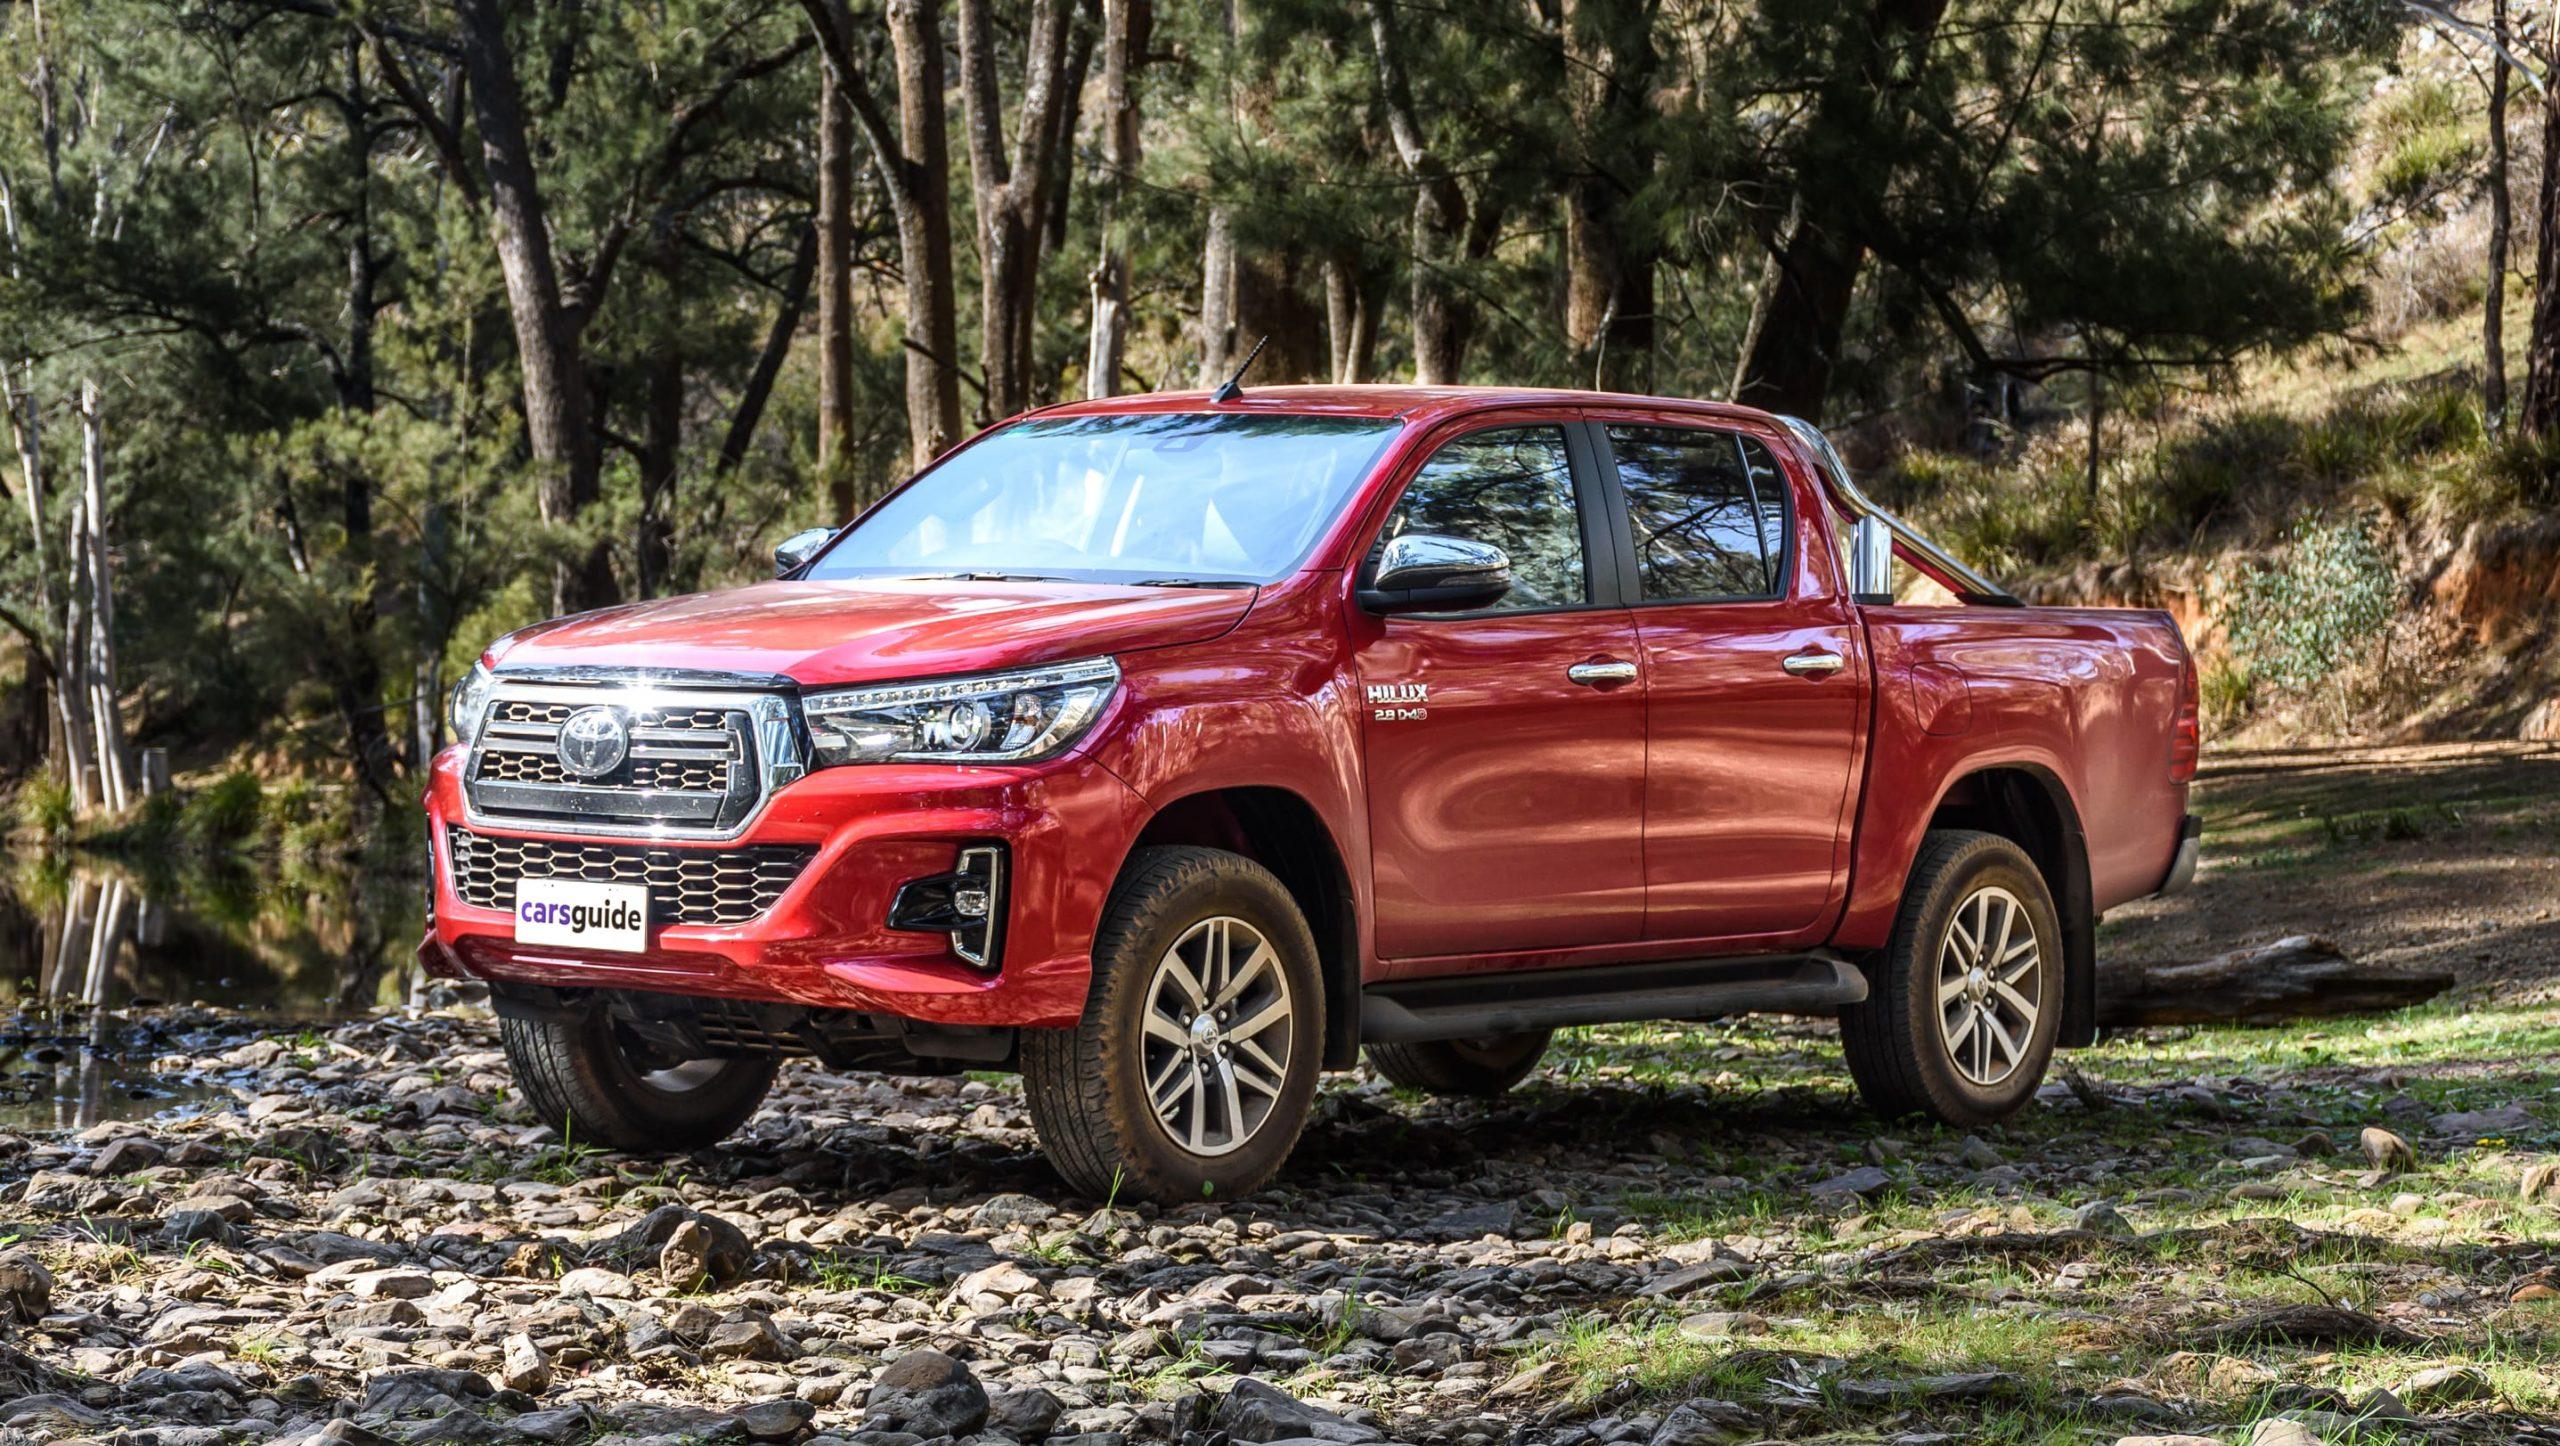 Toyota New Hilux Facelift Jagoan Armada Bisnis yang Gagah